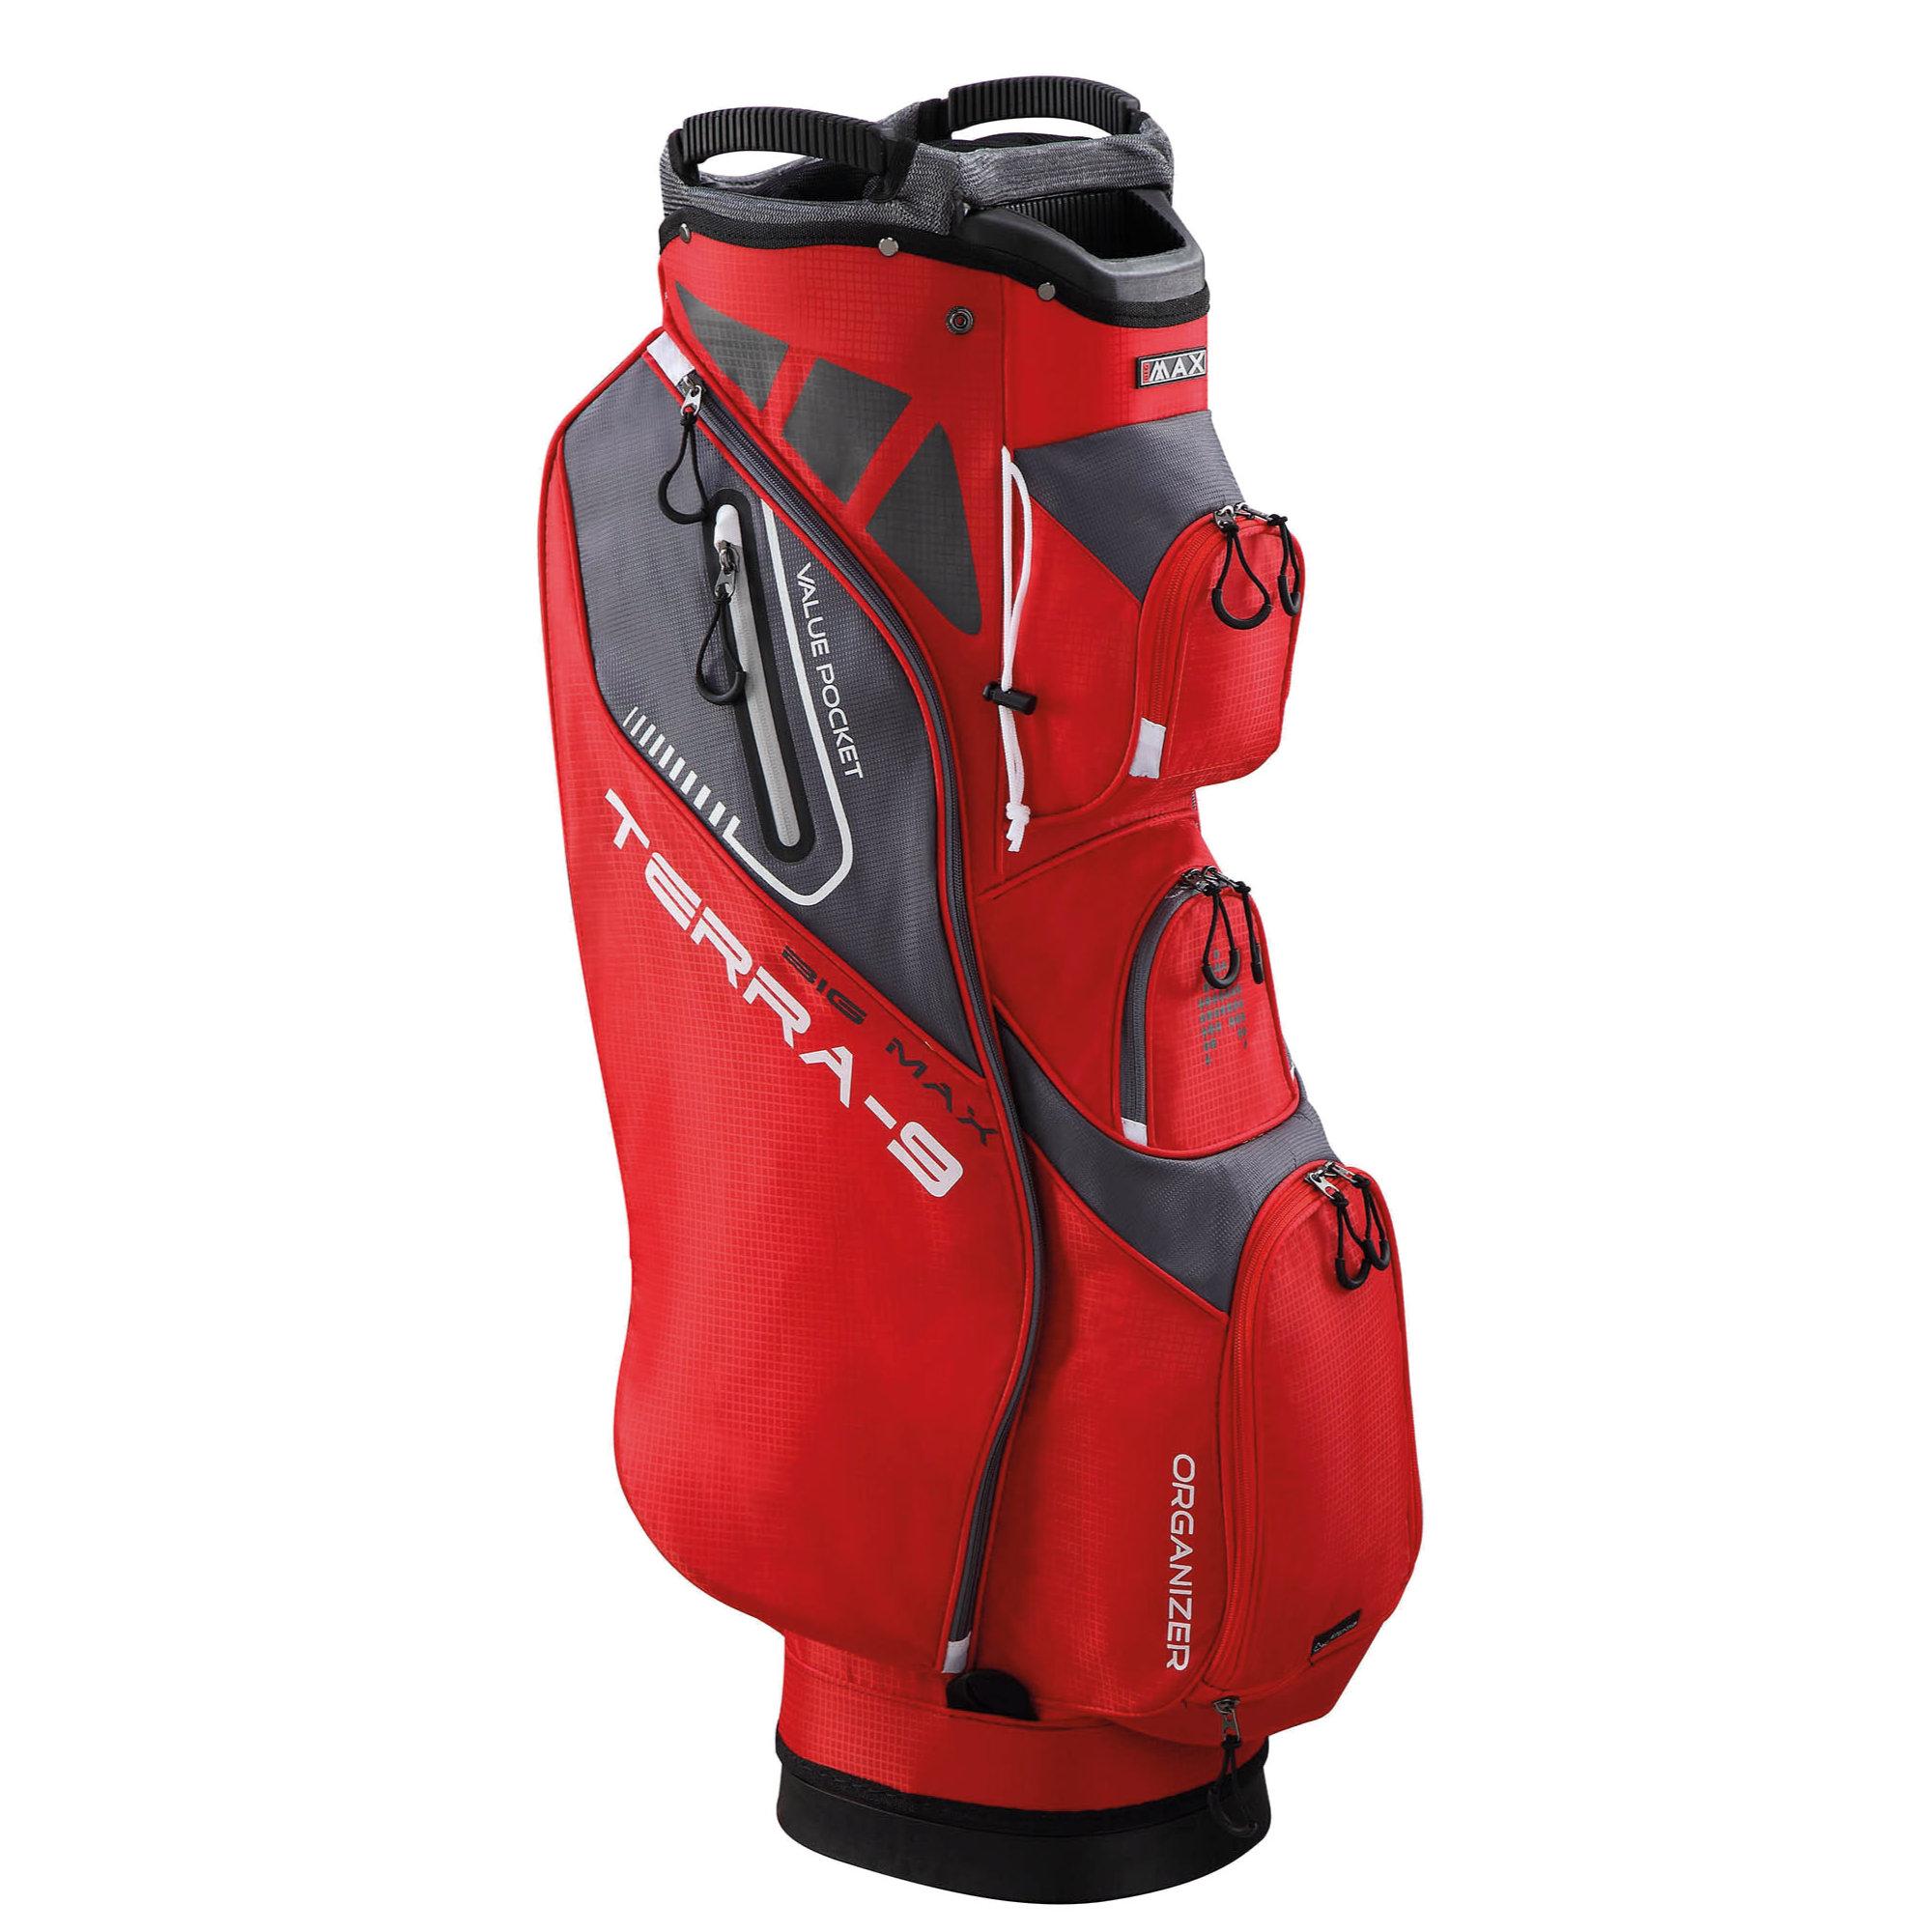 Image of Big Max Terra 9 Golf Cart Bag - Red